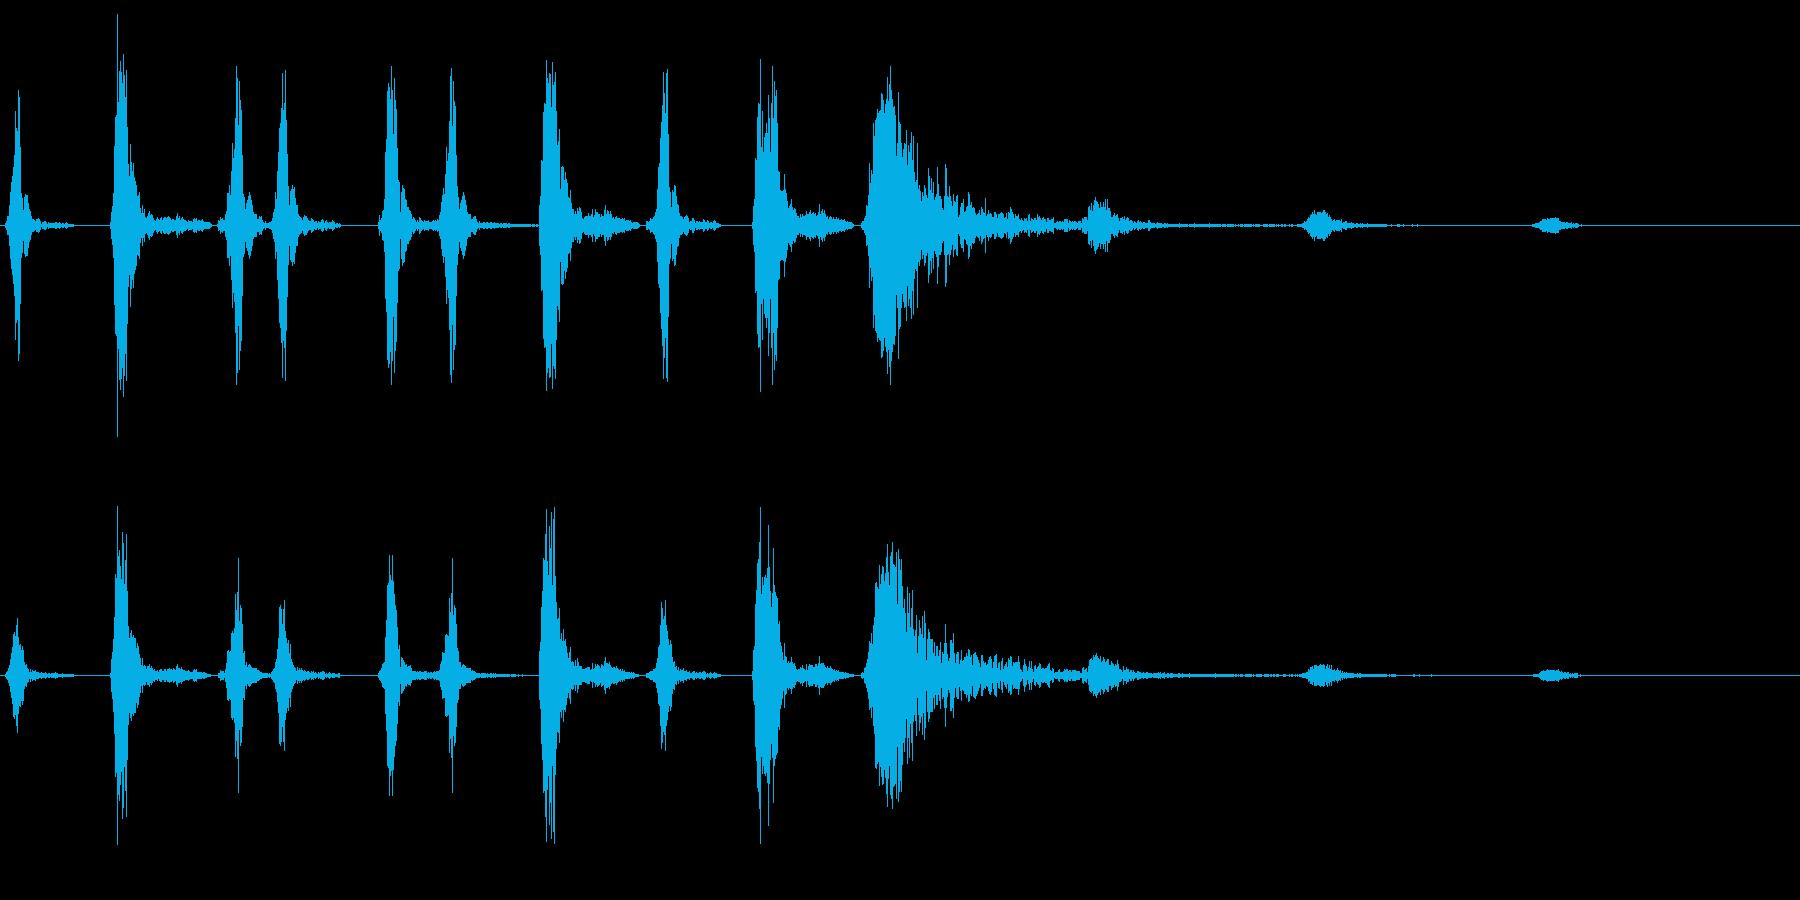 リズミカルな風切り音の再生済みの波形